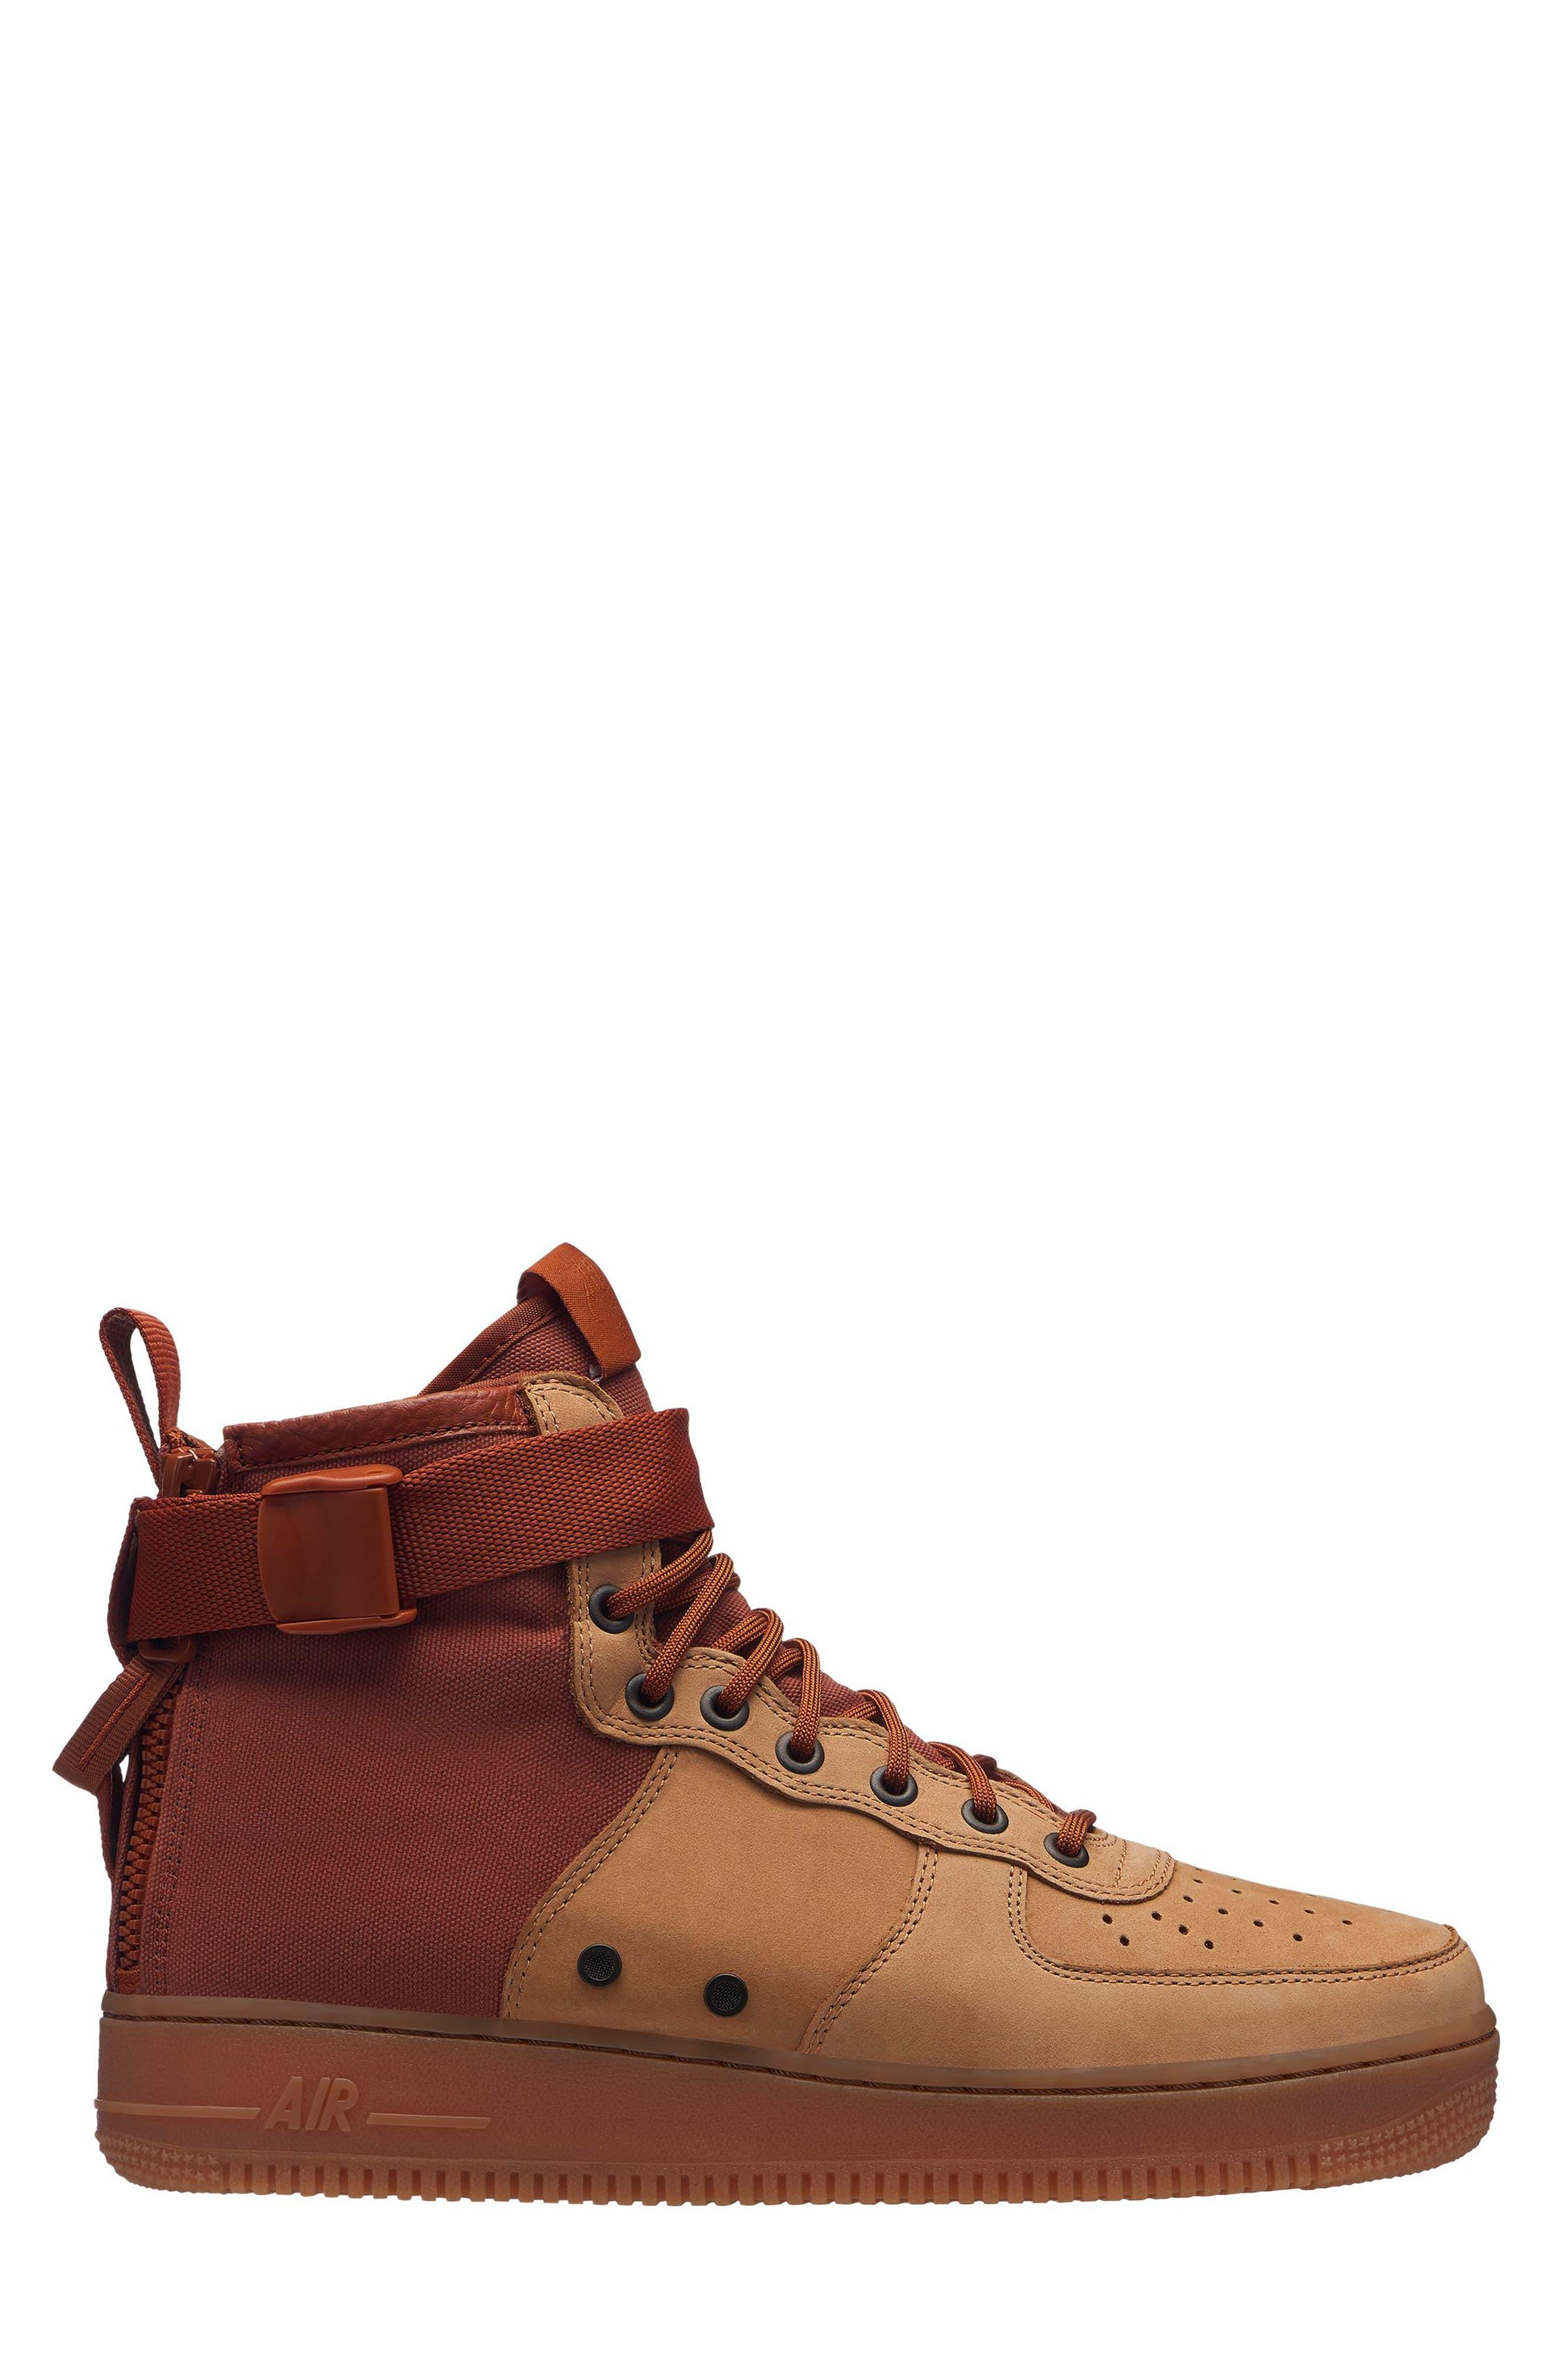 Nike SF Air Force 1 Mid Premium Sneaker Boot (Men) | Nordstrom